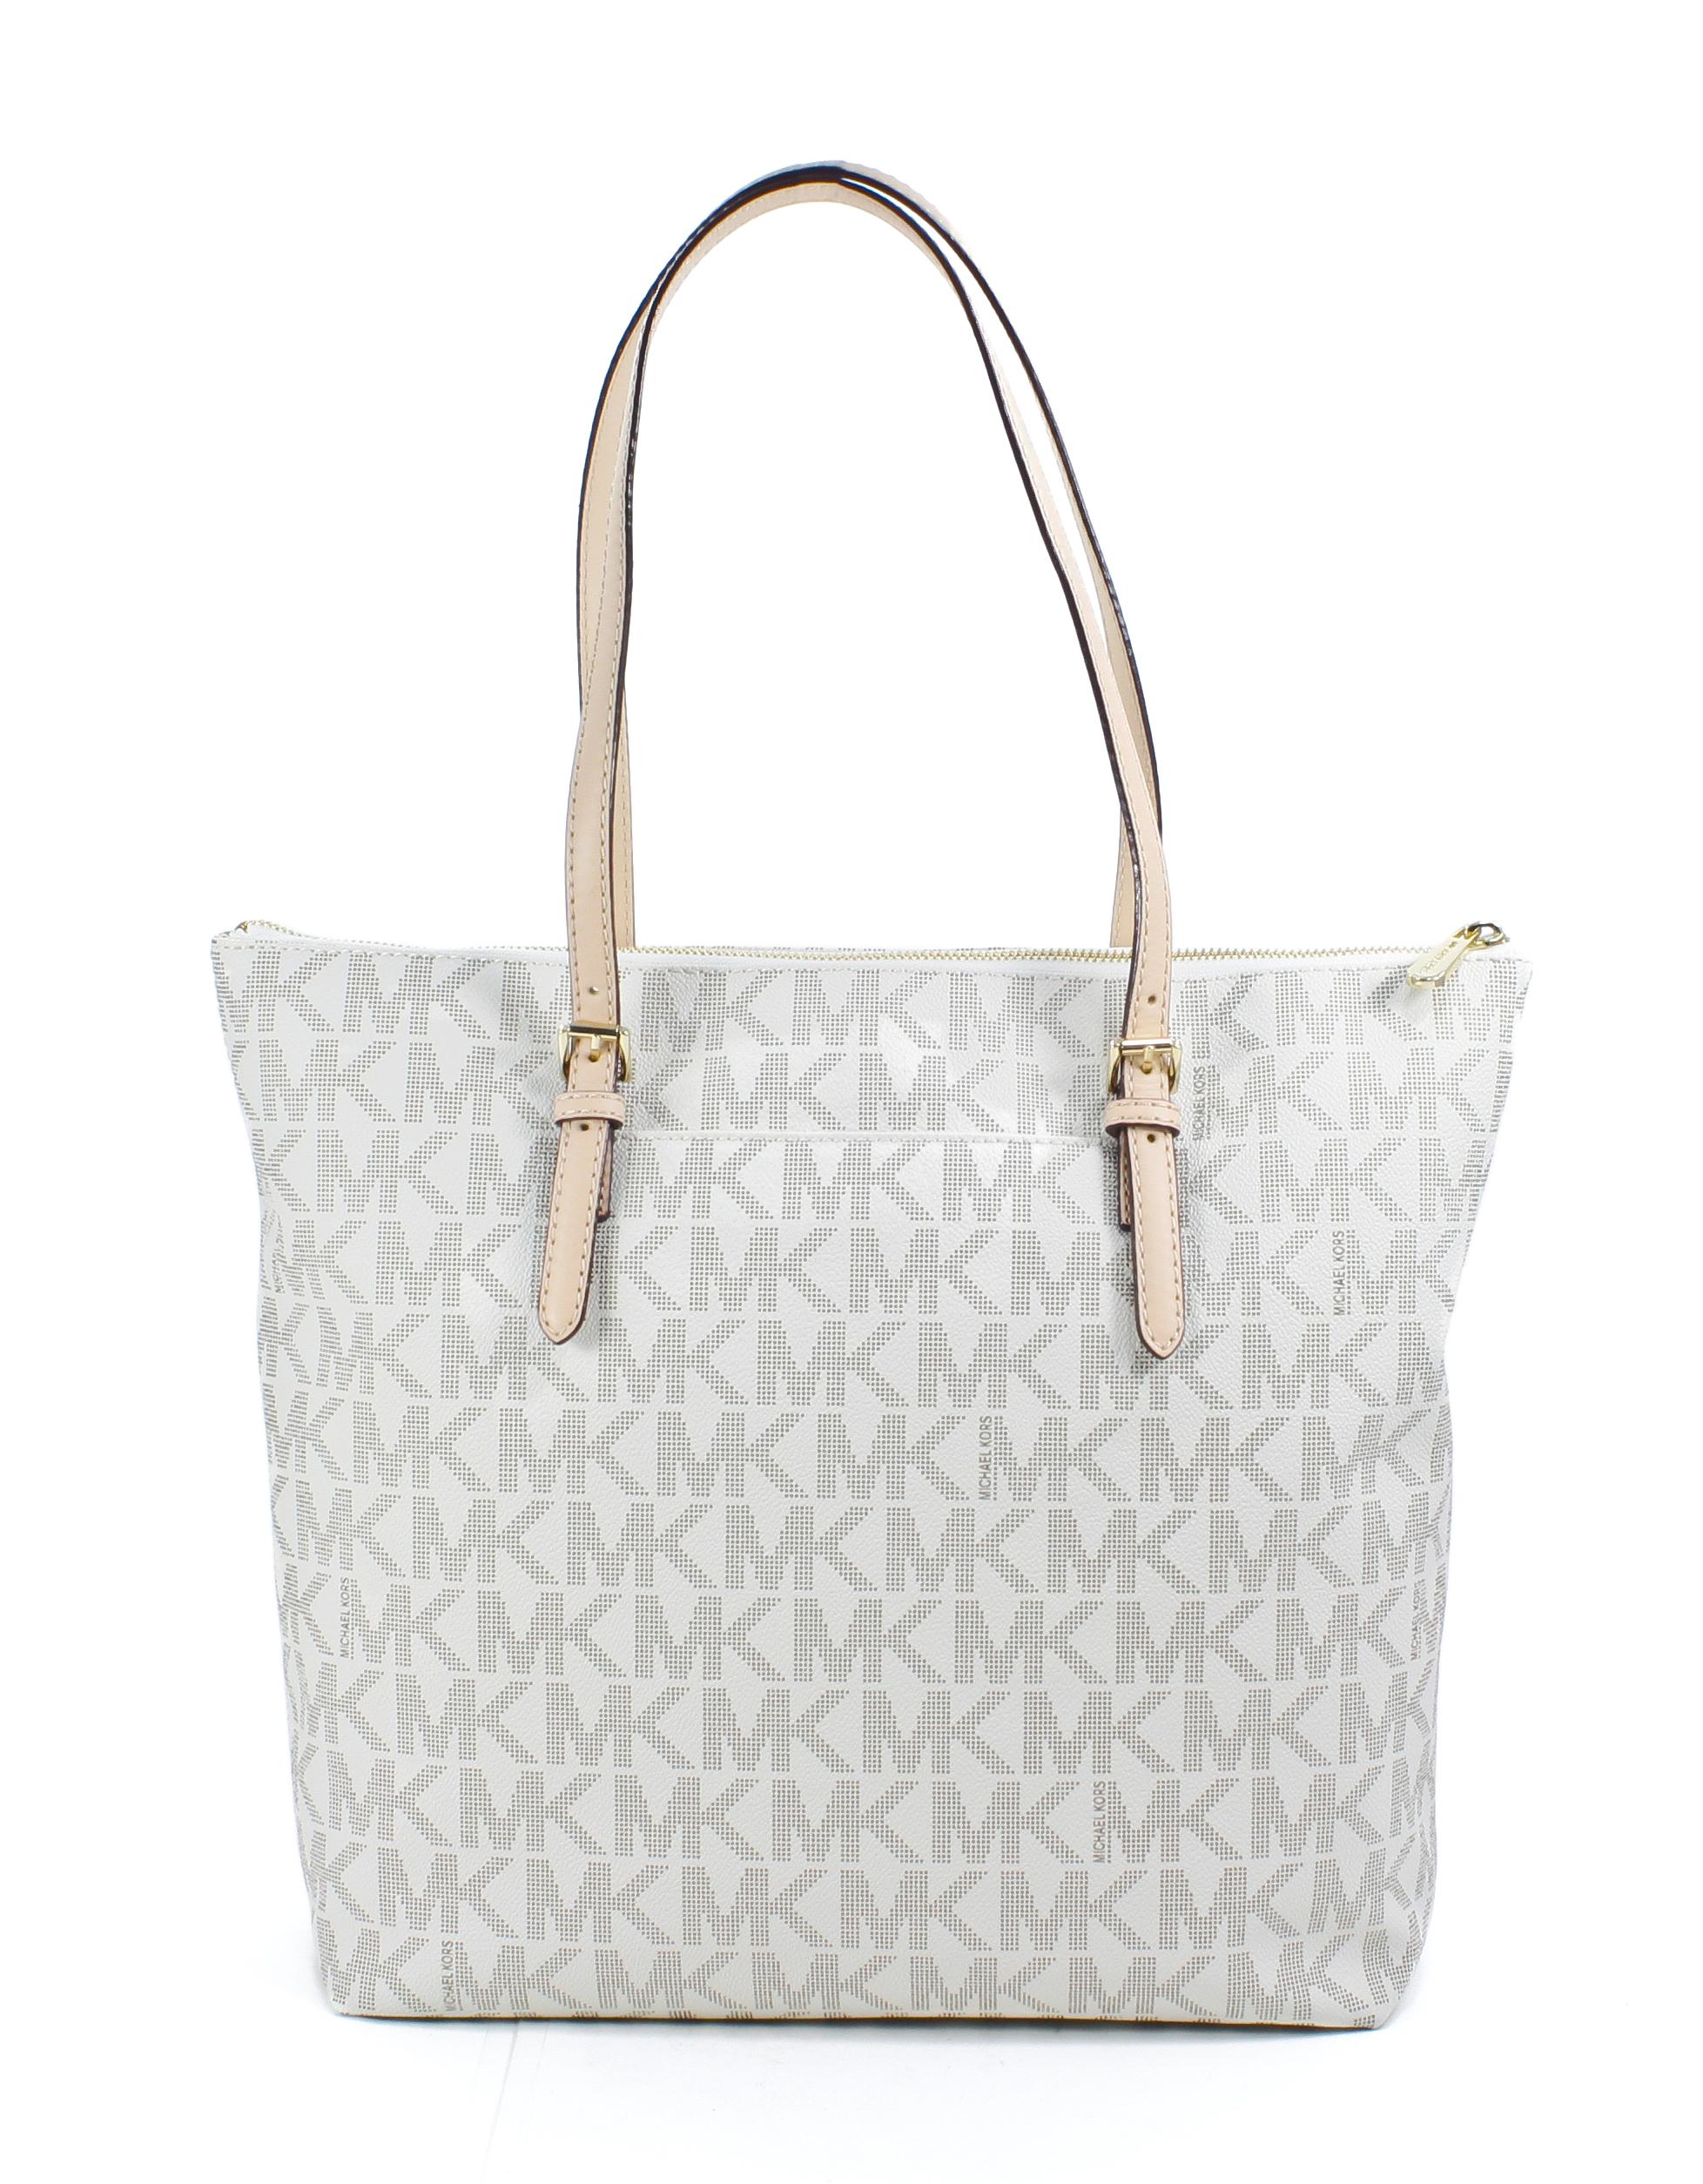 designer baby bag sale  these designer